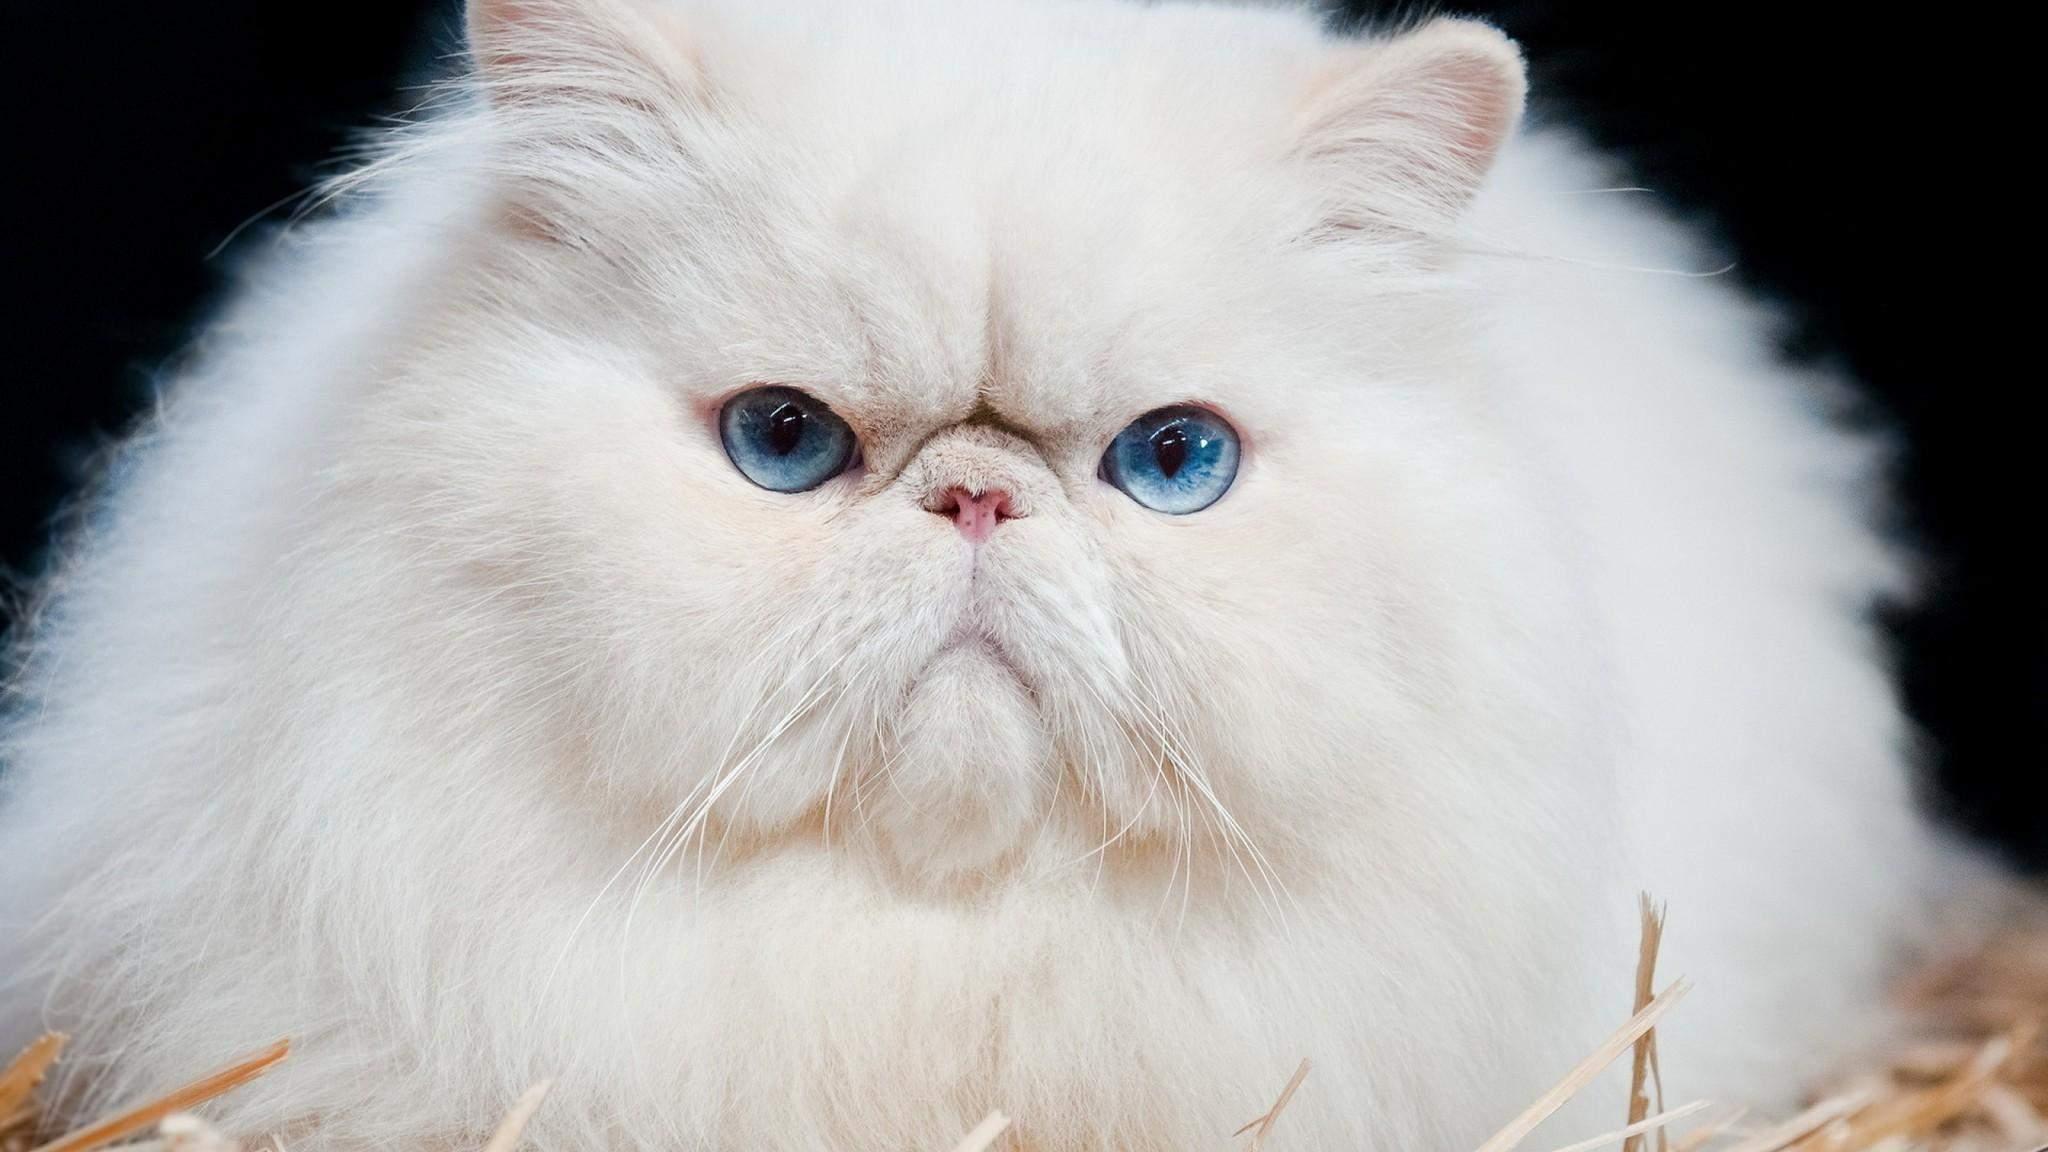 Коты-брахицефалы могут иметь довольно слабое здоровье